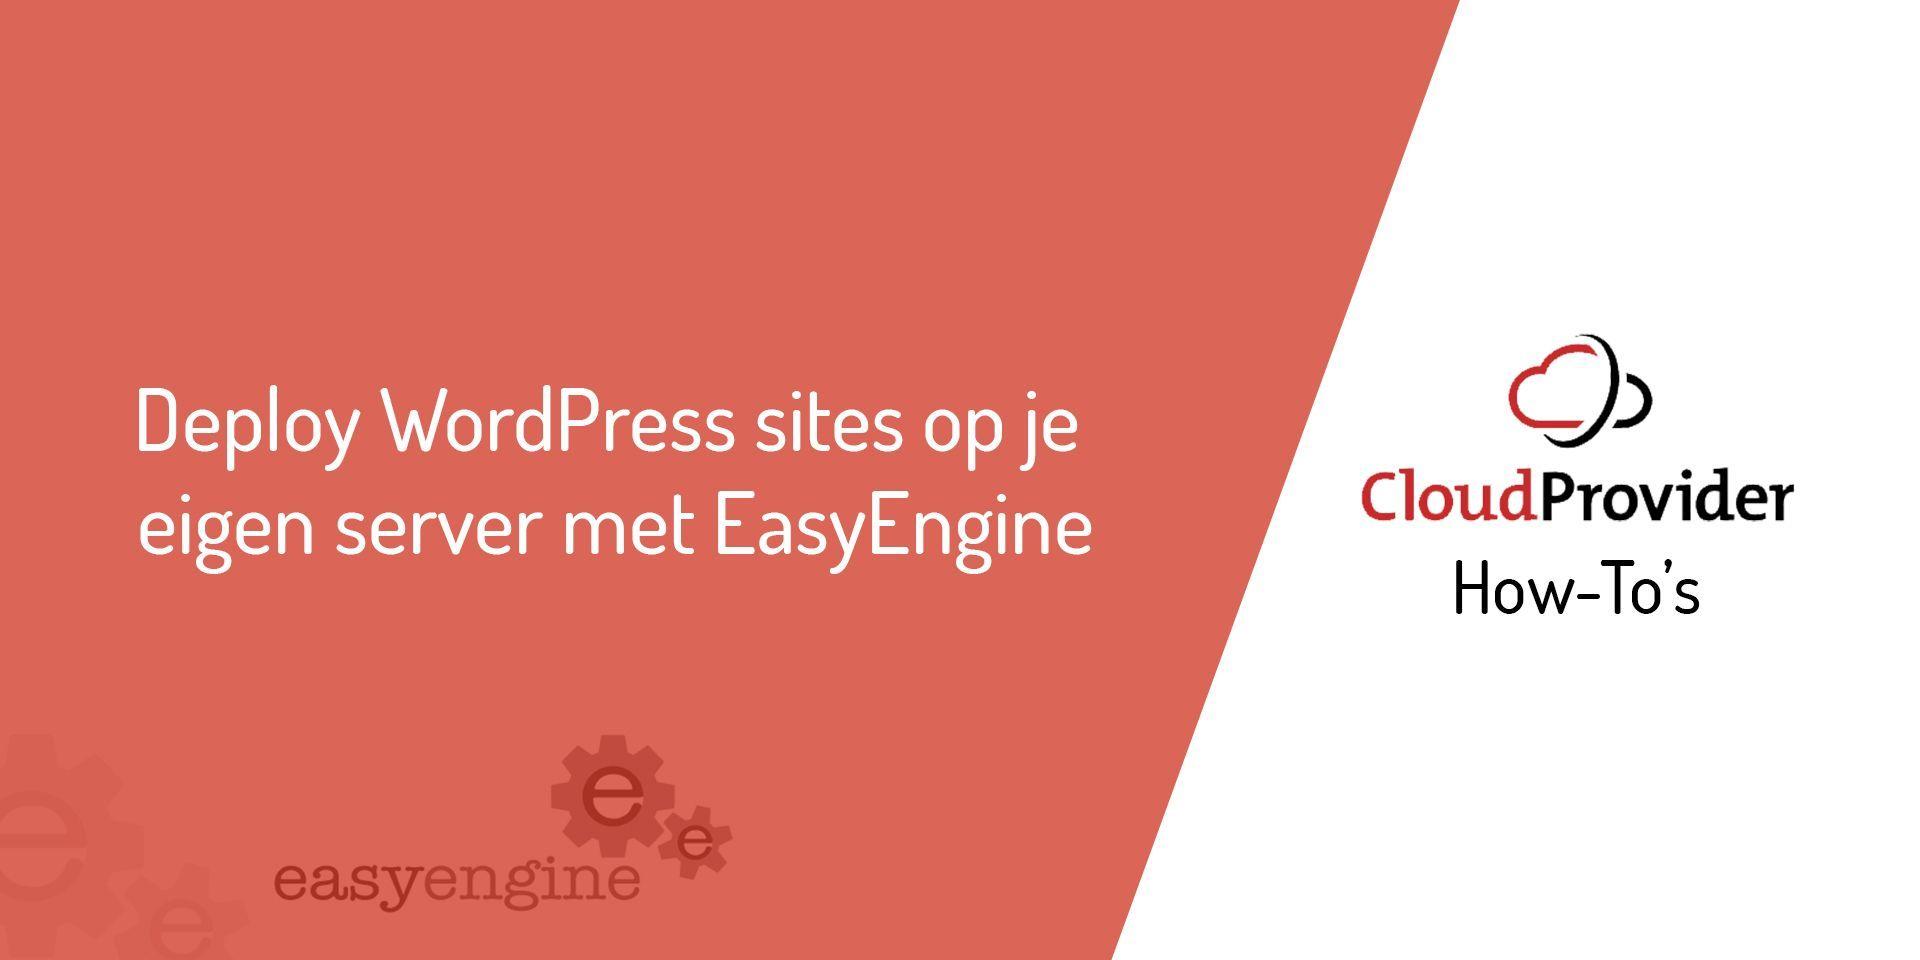 Deploy WordPress sites op je eigen server met EasyEngine